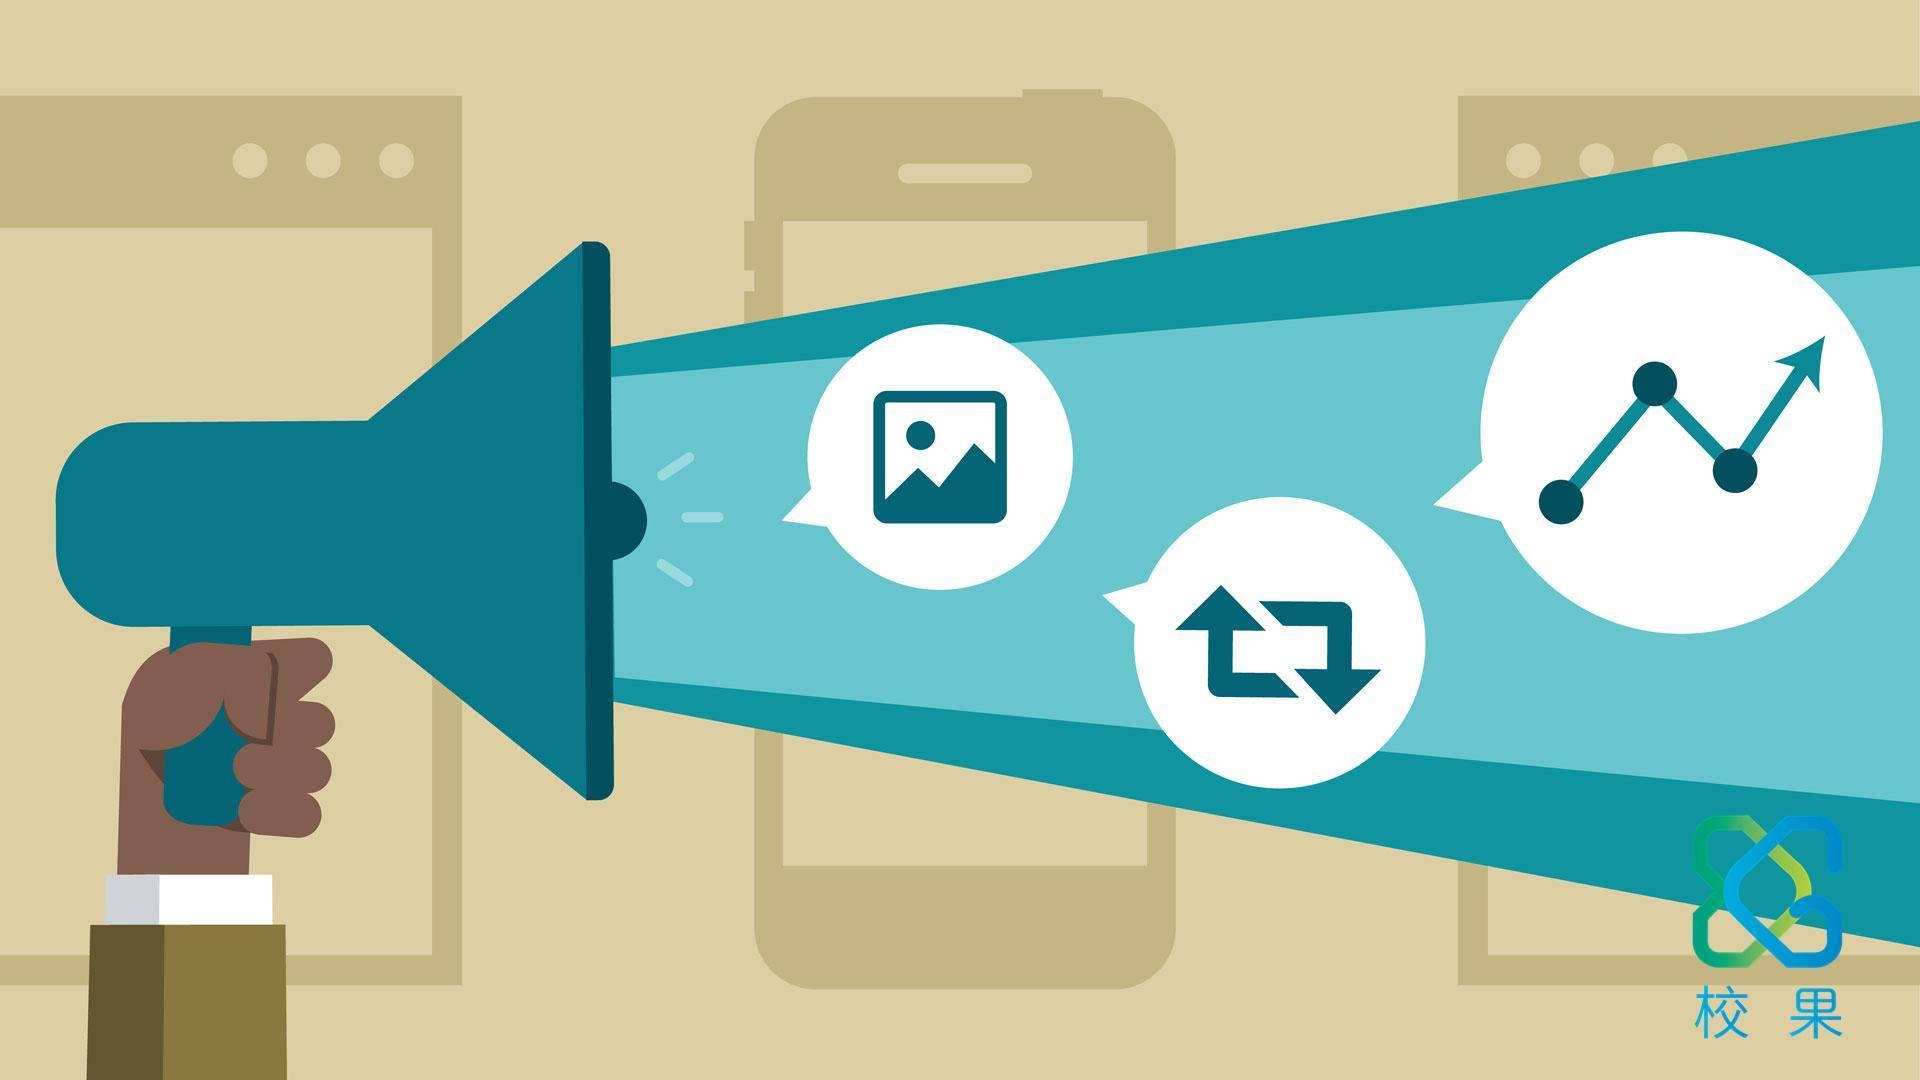 品牌营销策划升级应该如何去做呢